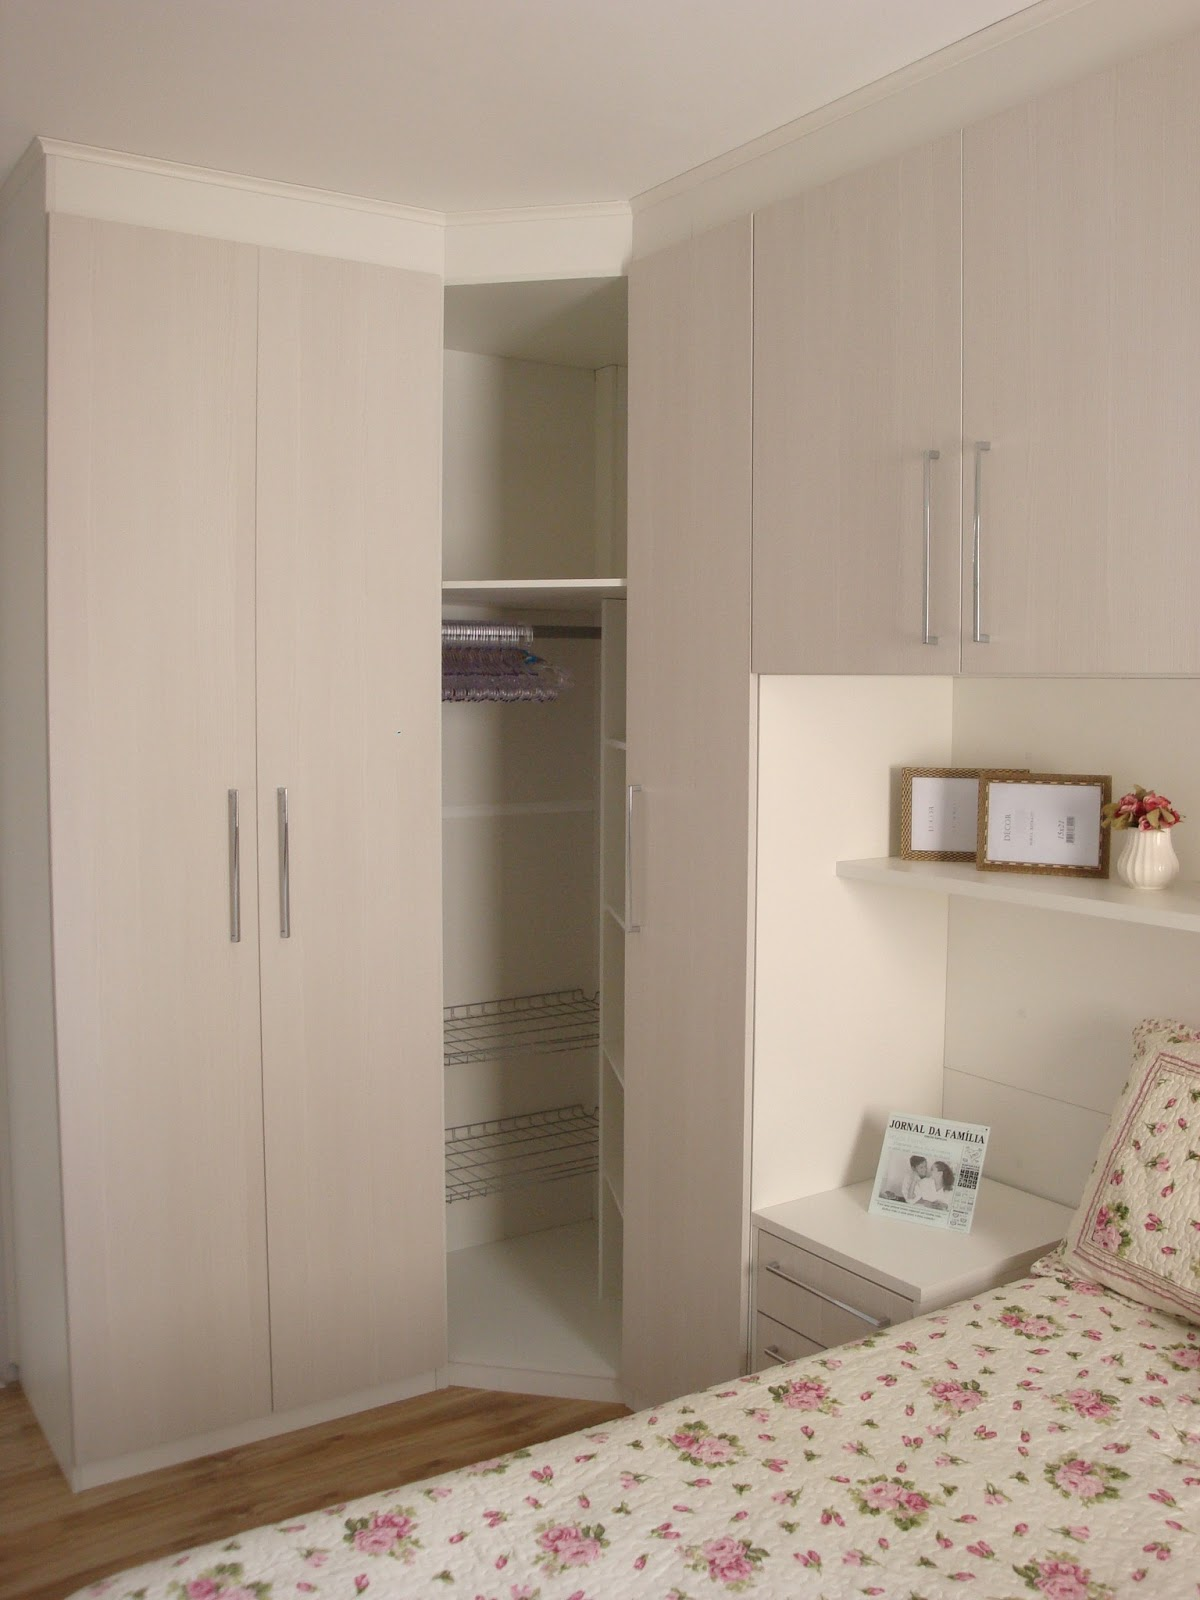 AMBIENTE IDEAL: Meu dormitório planejado quase decorado: parte III #8E403D 1200 1600